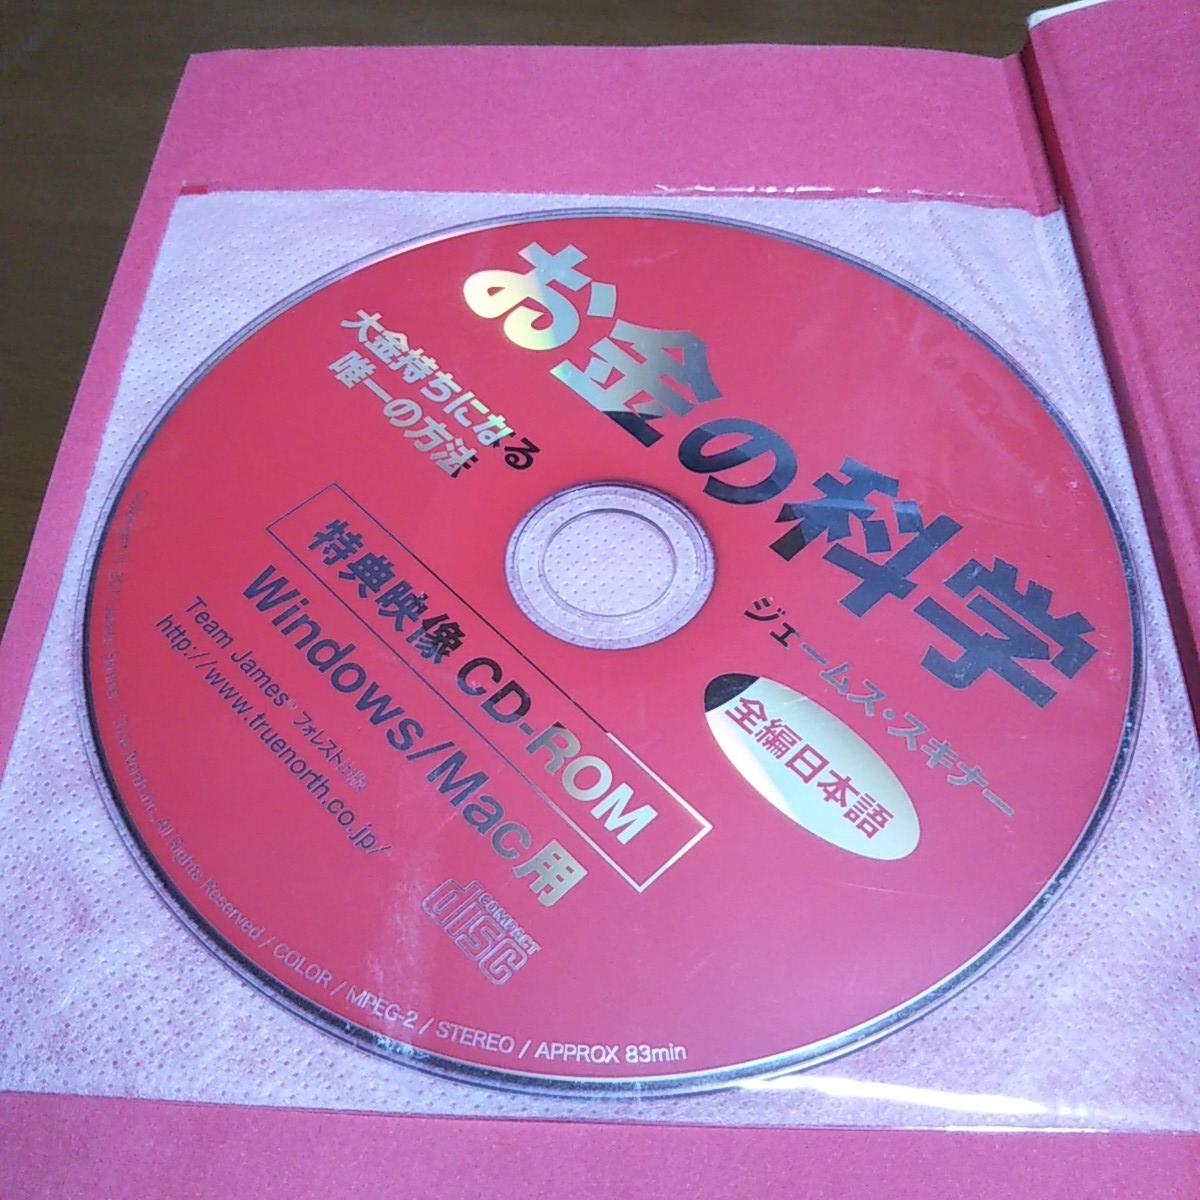 【即決】お金の科学 ジェームス・スキナー CD-ROM付 フォレスト出版 単行本_画像3